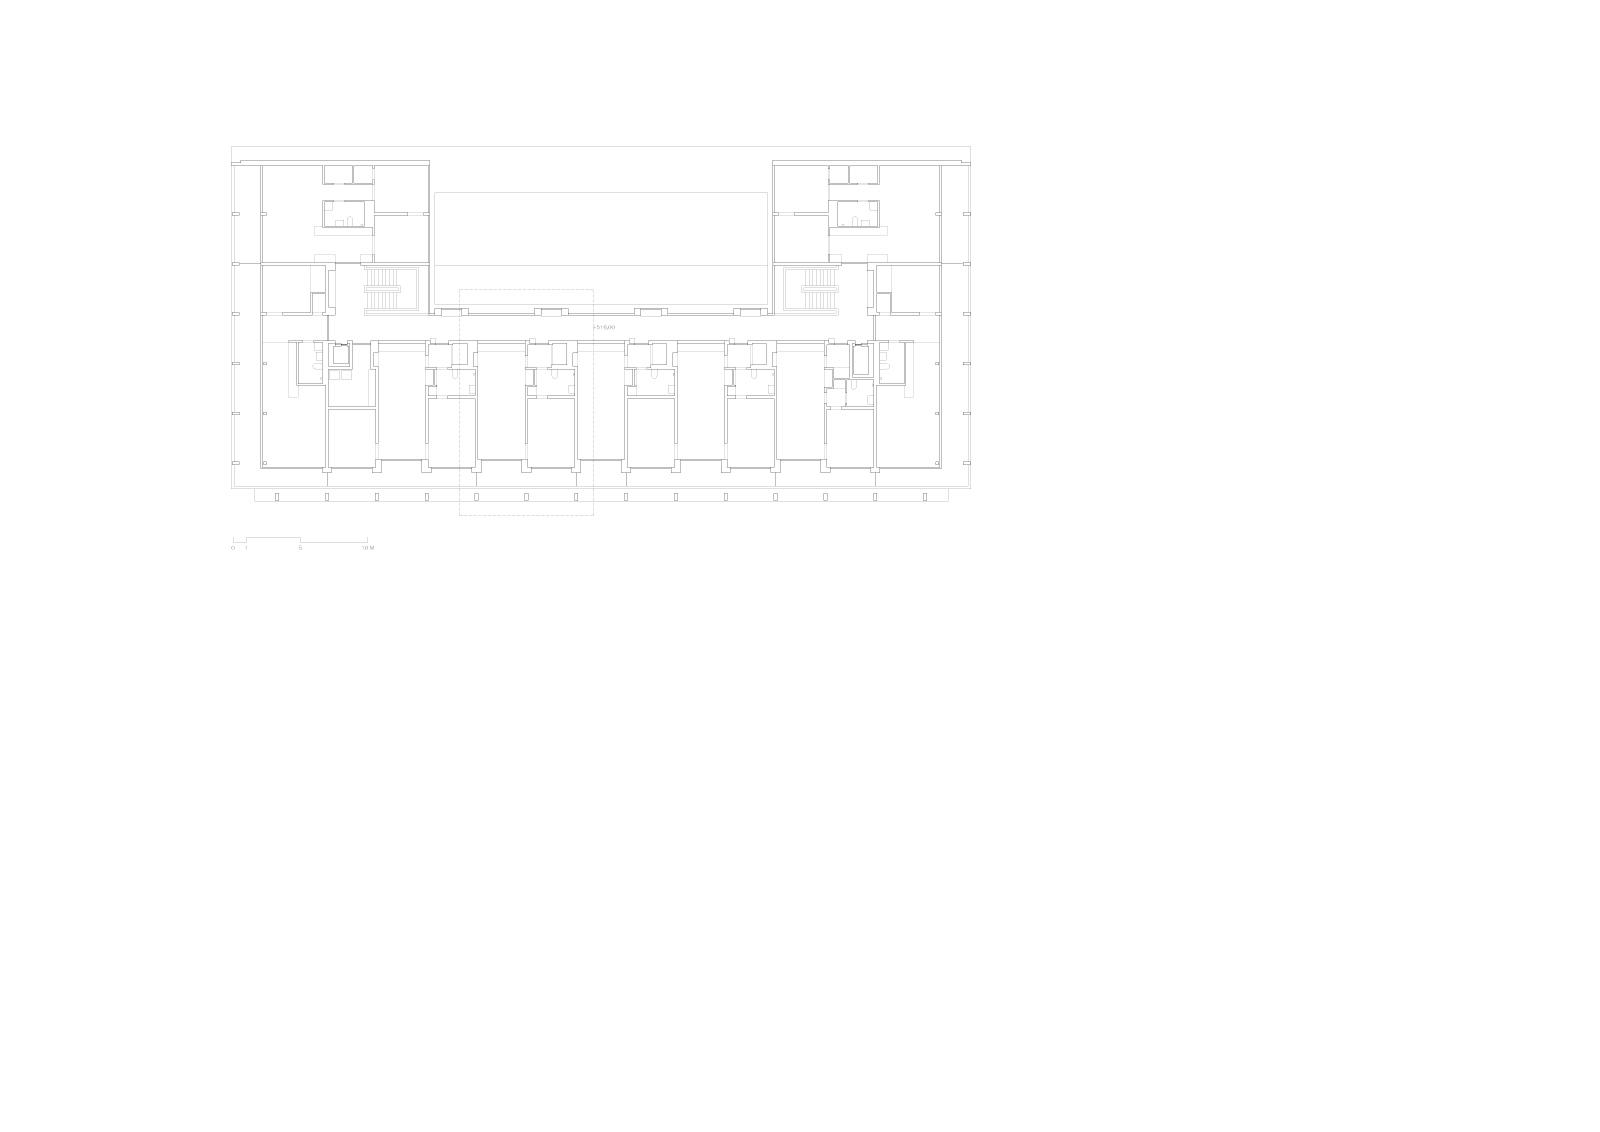 seeparkplan13.jpg